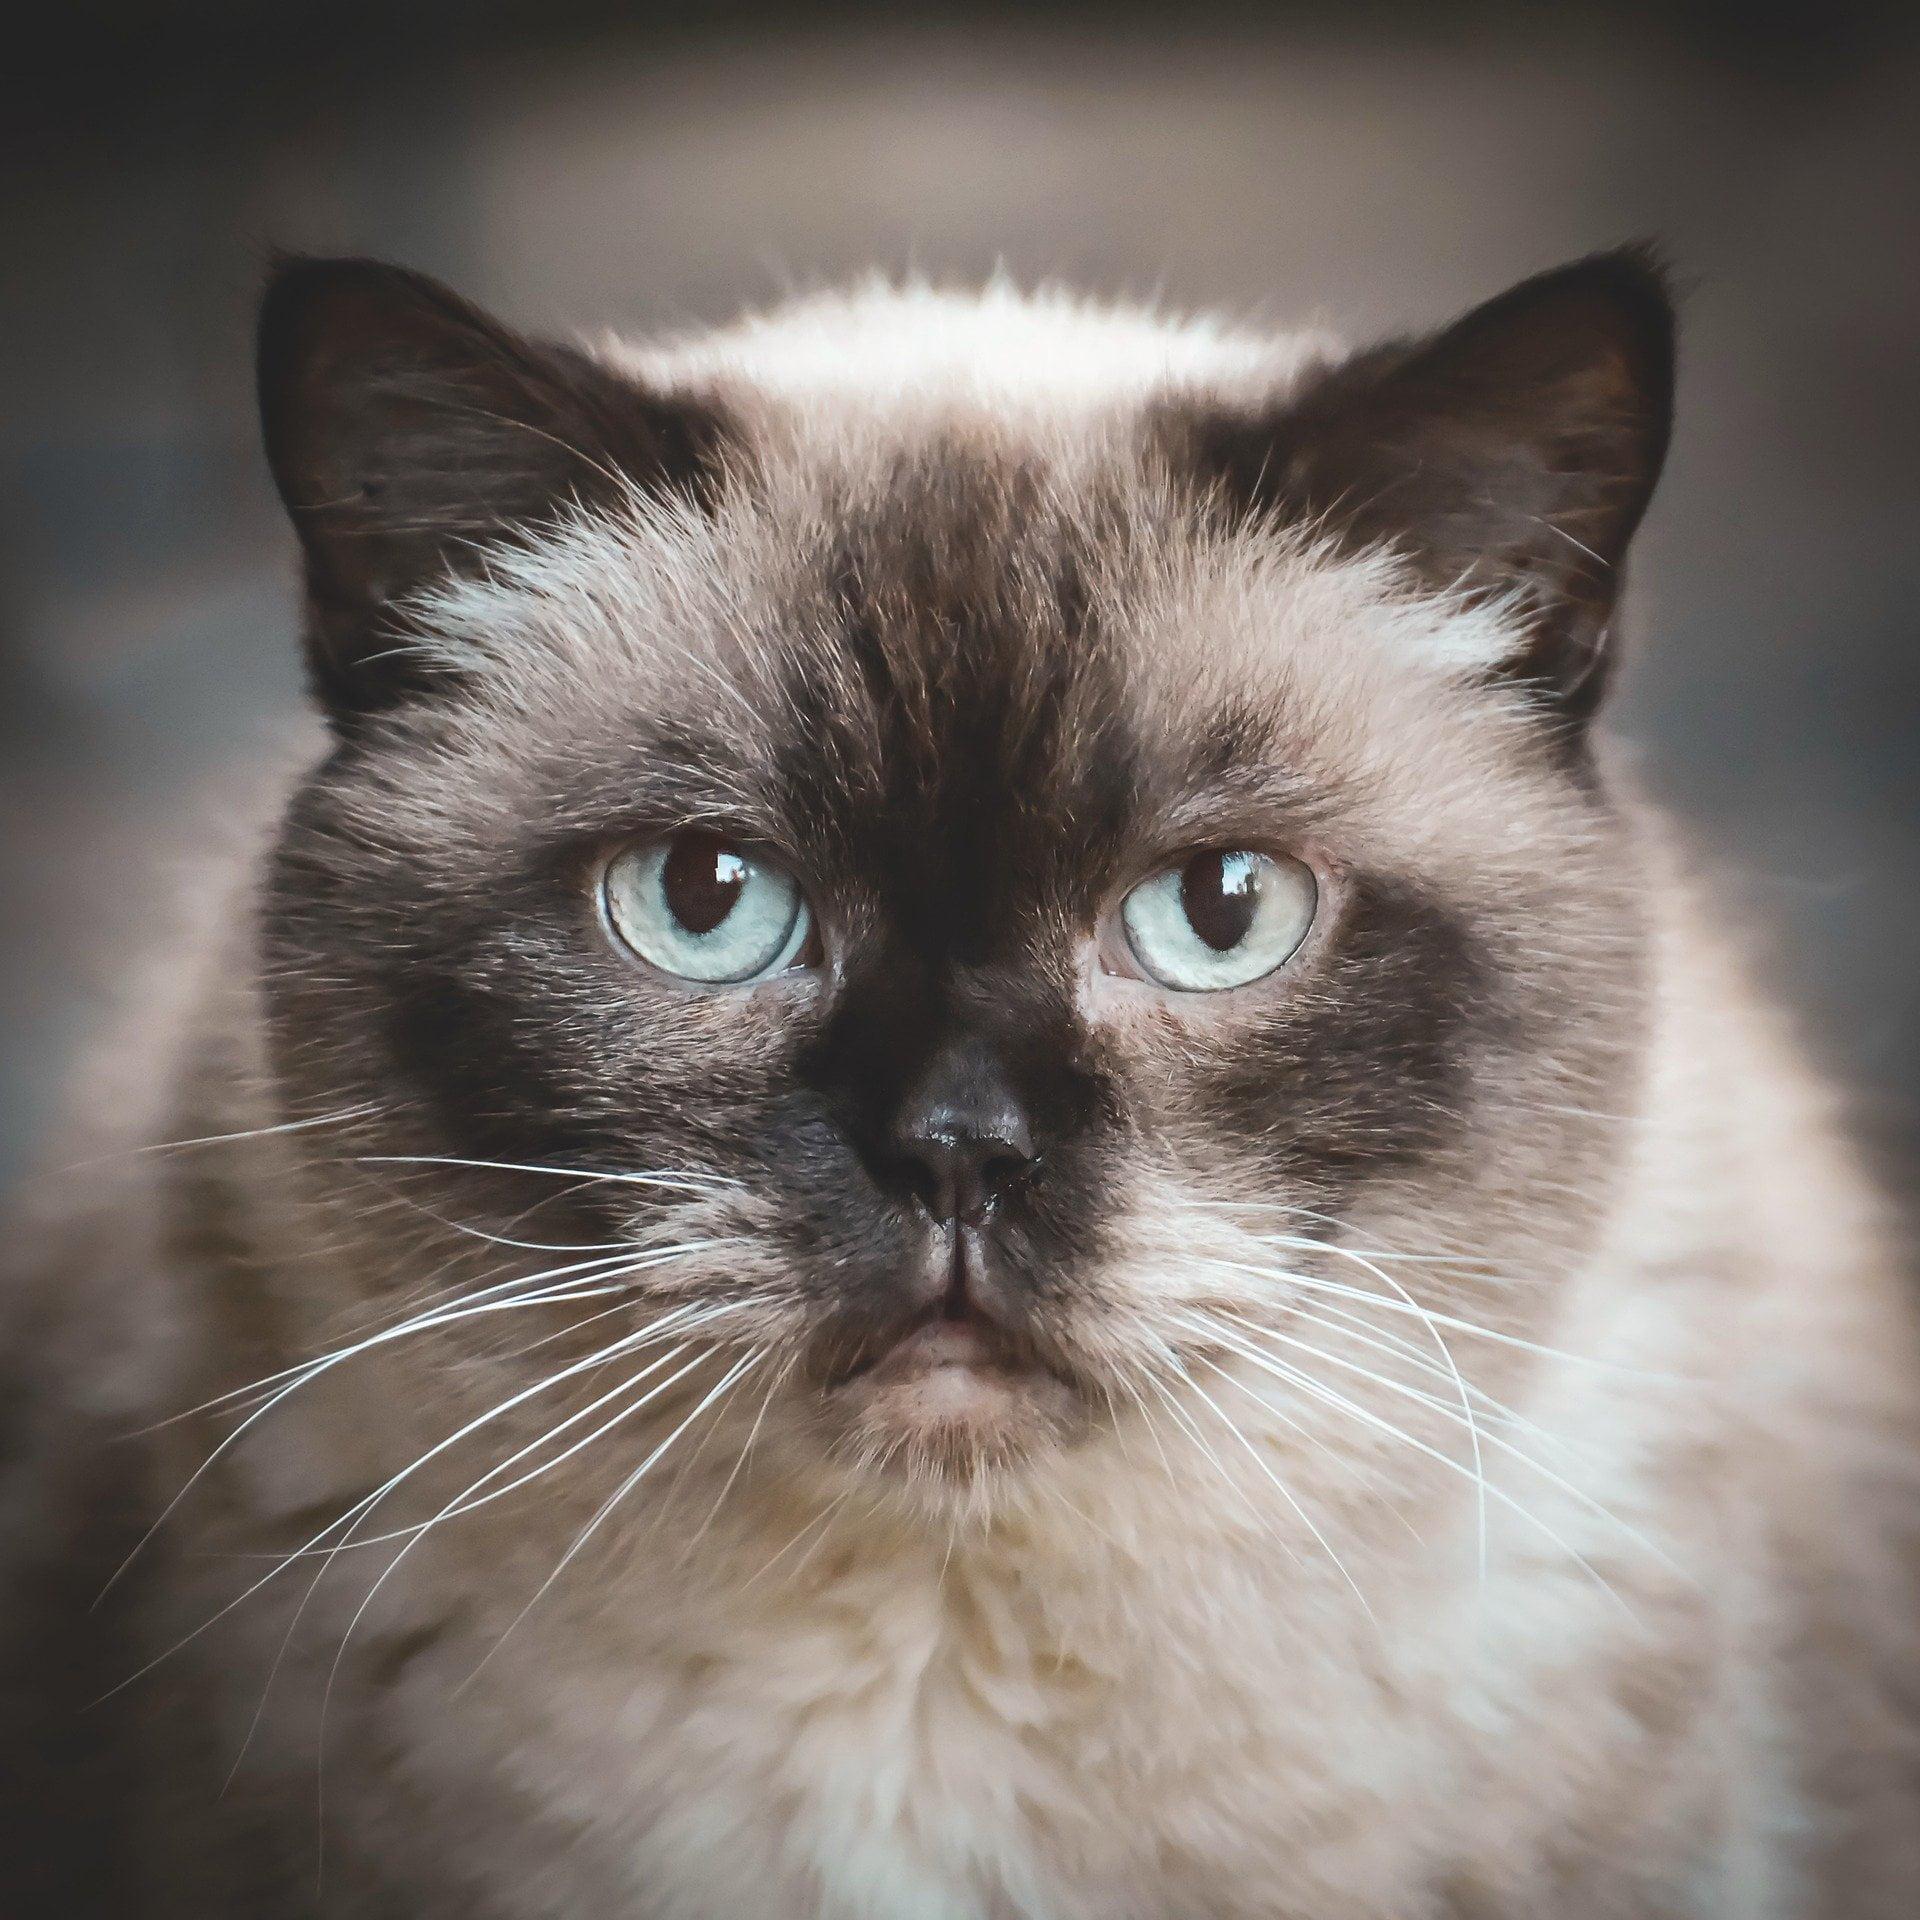 Om kattförsäkringar.com - Jämför kattförsäkringar